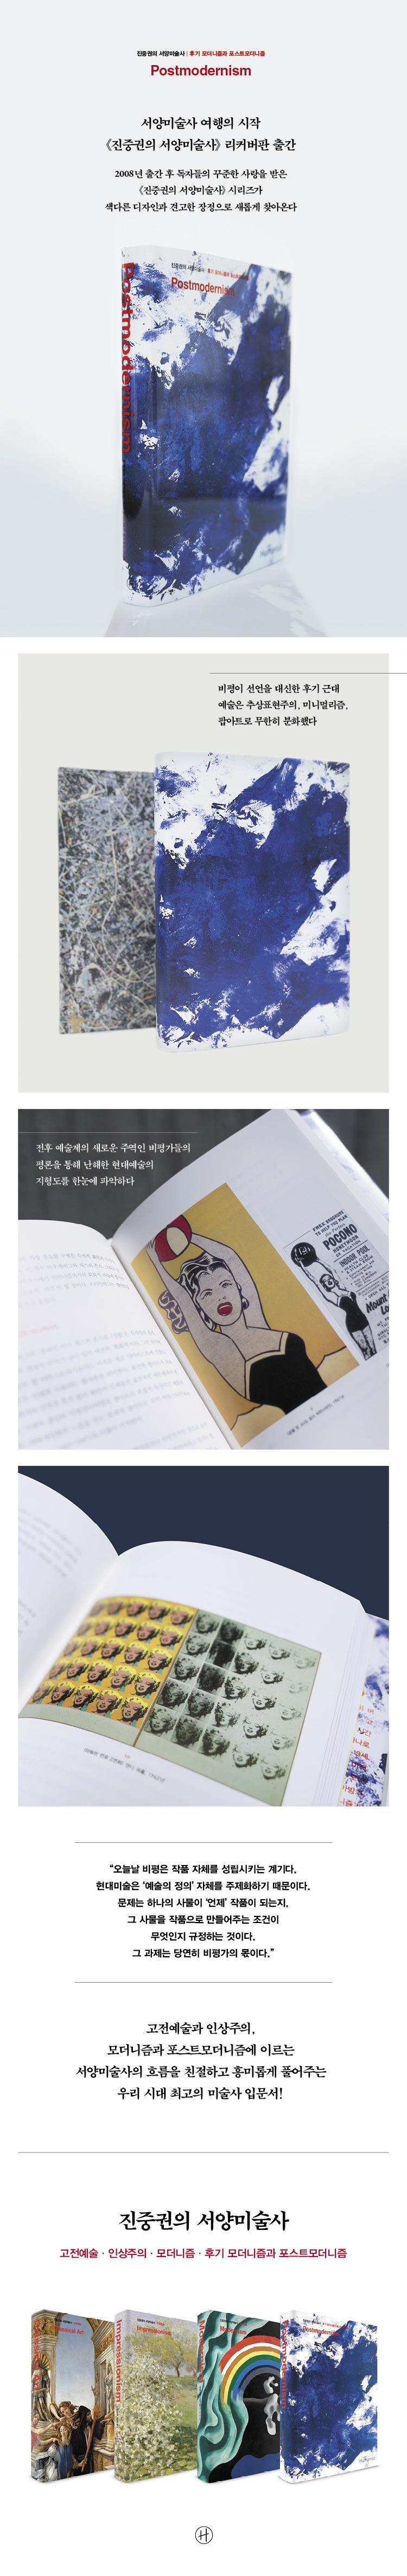 진중권의 서양미술사: 후기 모더니즘과 포스트모더니즘(리커버판)(양장본 HardCover) 도서 상세이미지